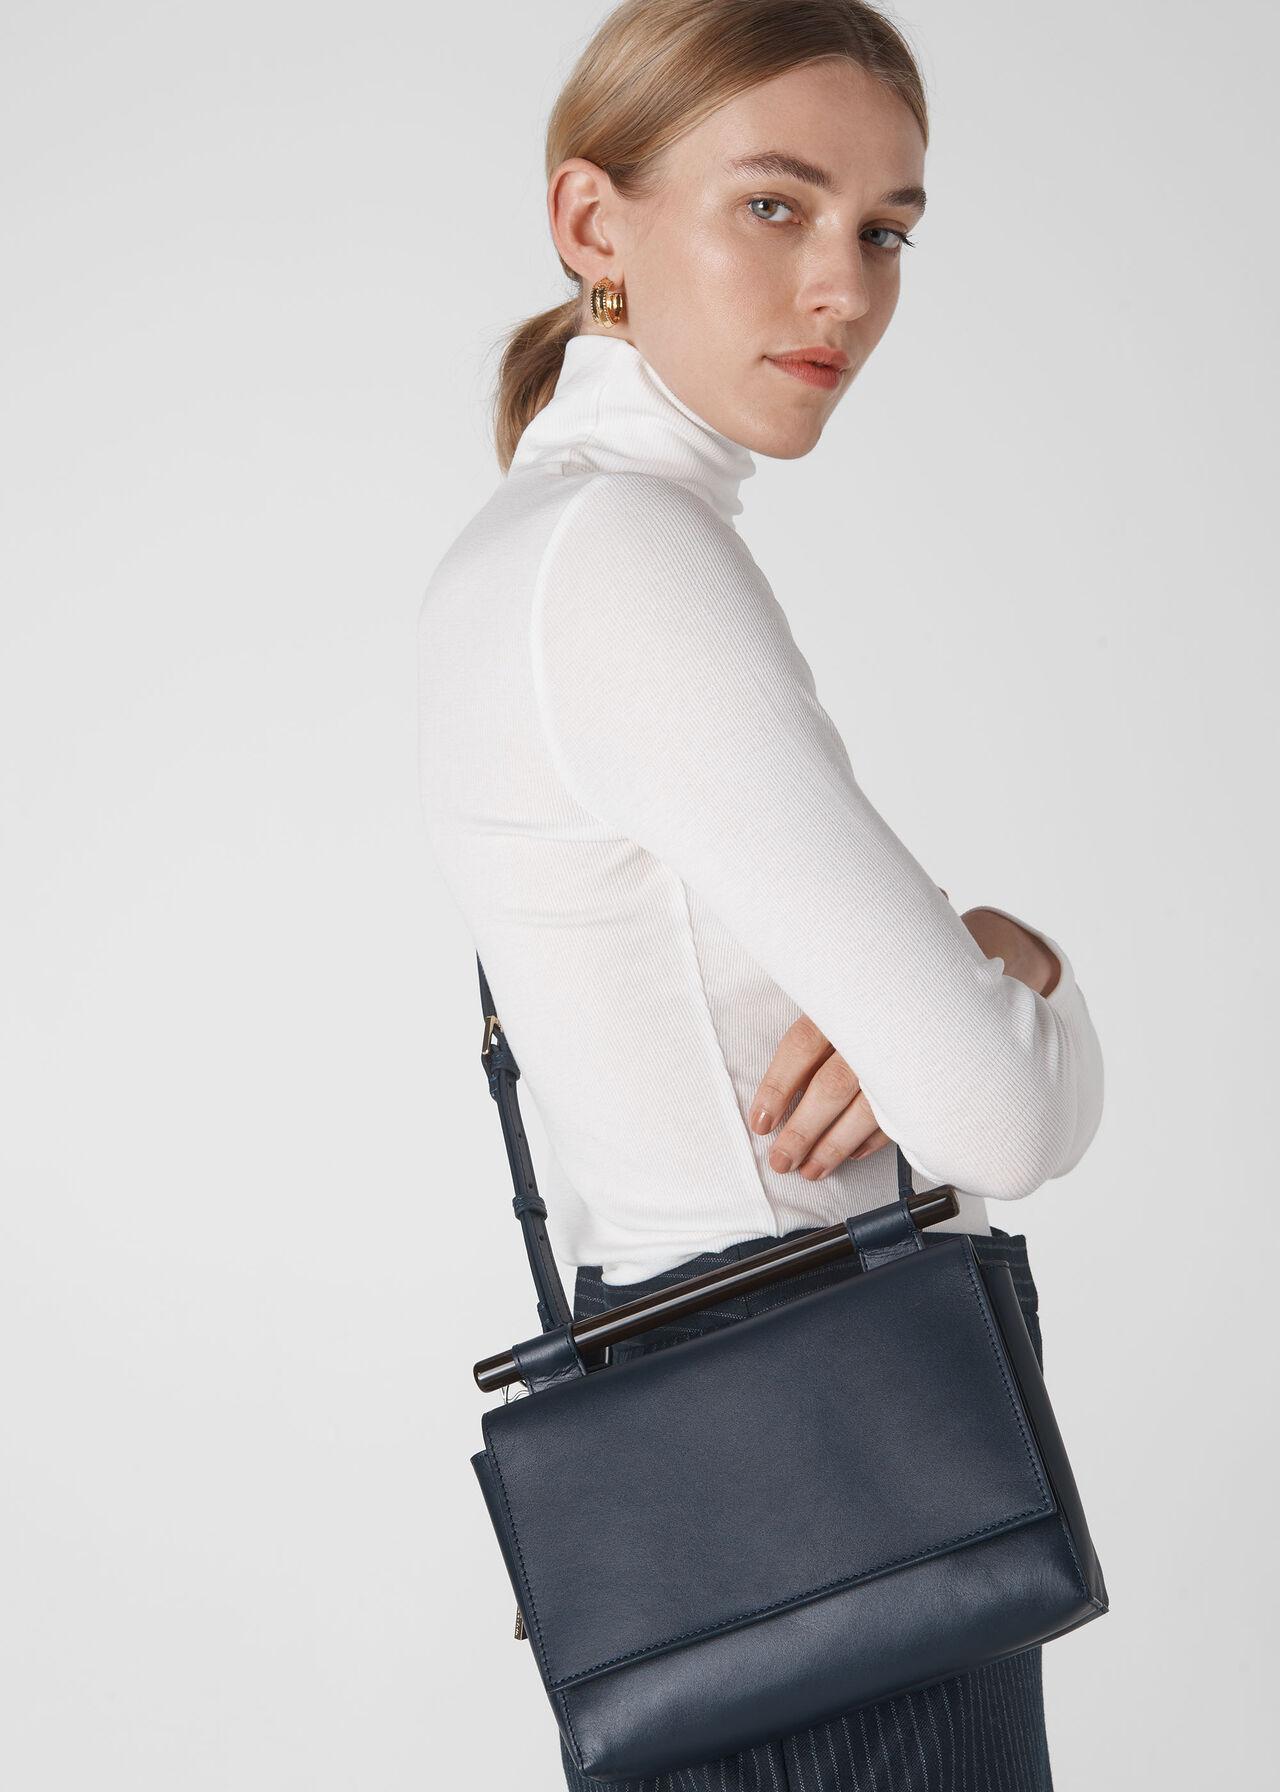 Mina Resin Bar Bag Navy